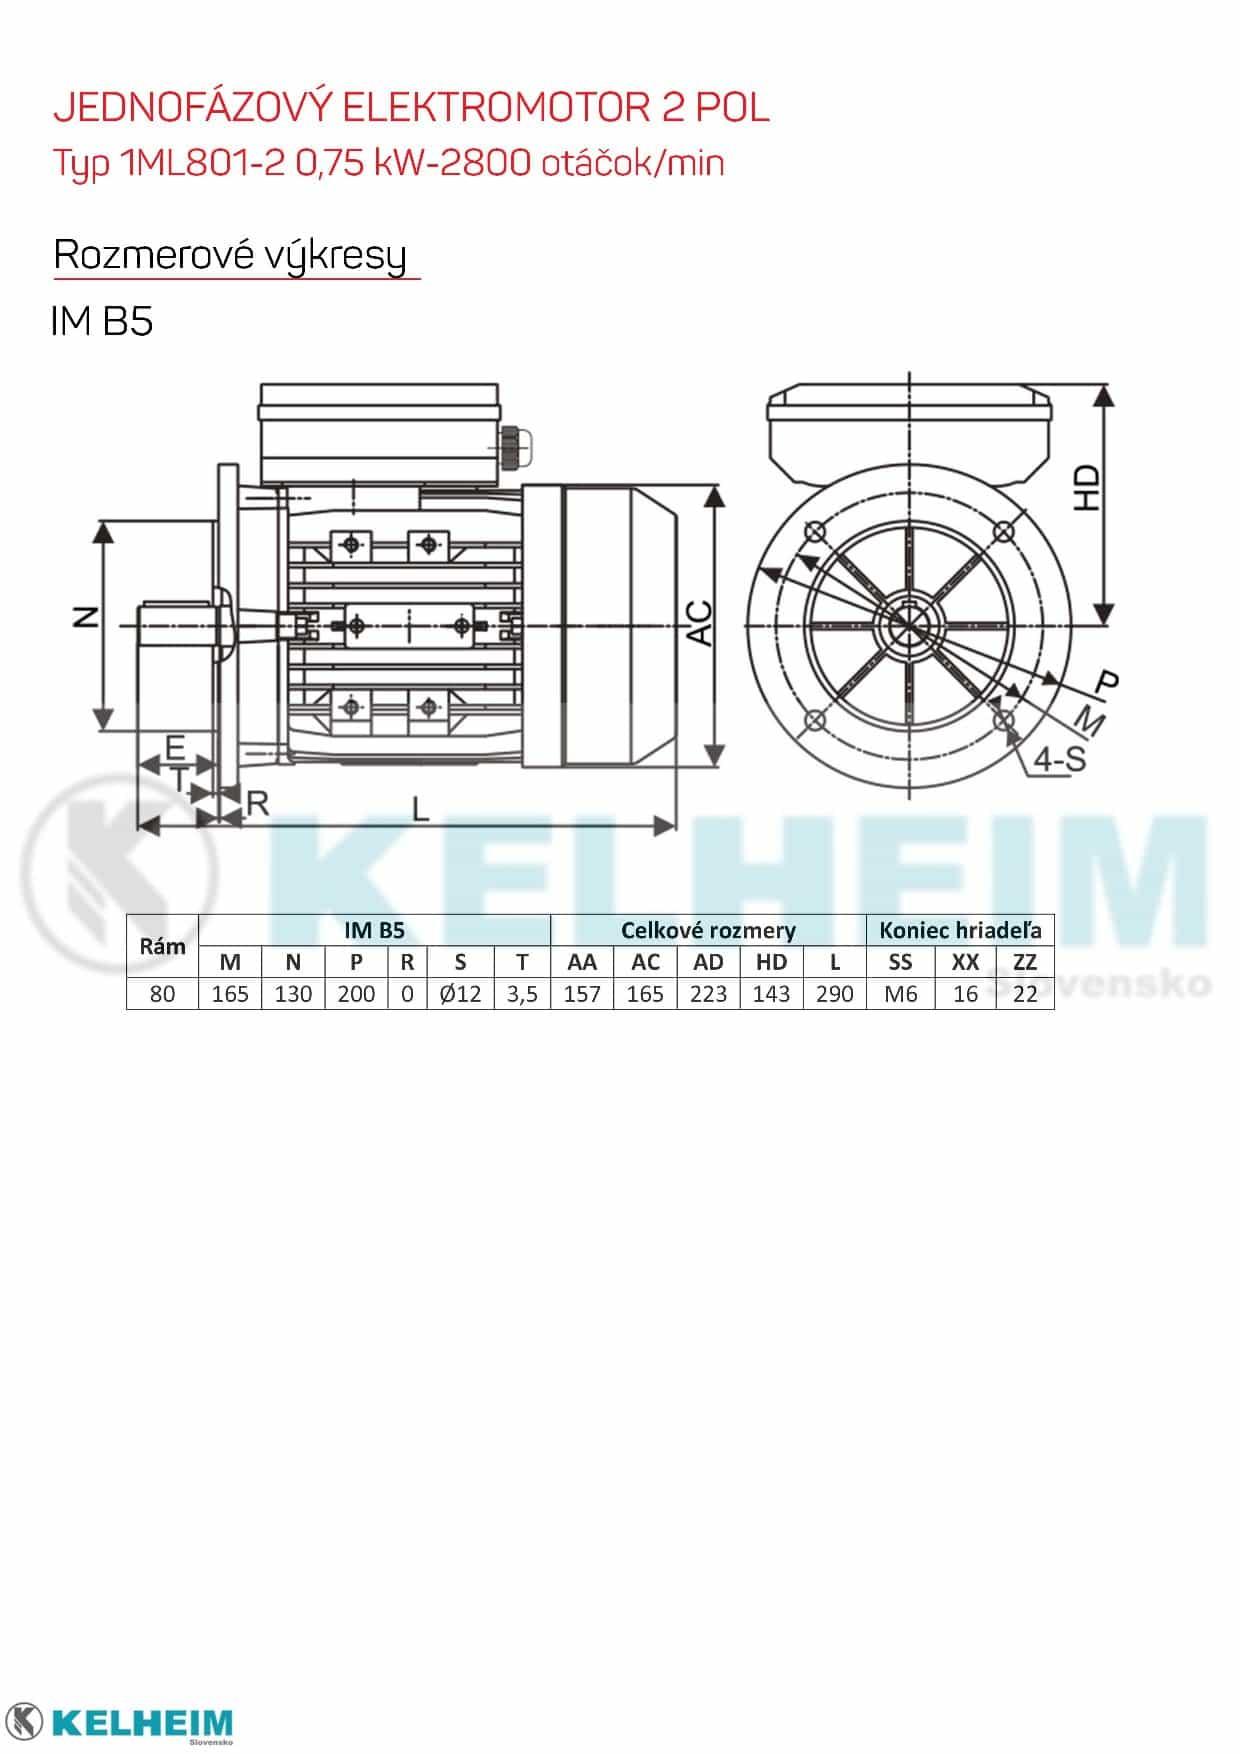 rozmerový výkres - jednofázový elektromotor 0,75kw ML801-2